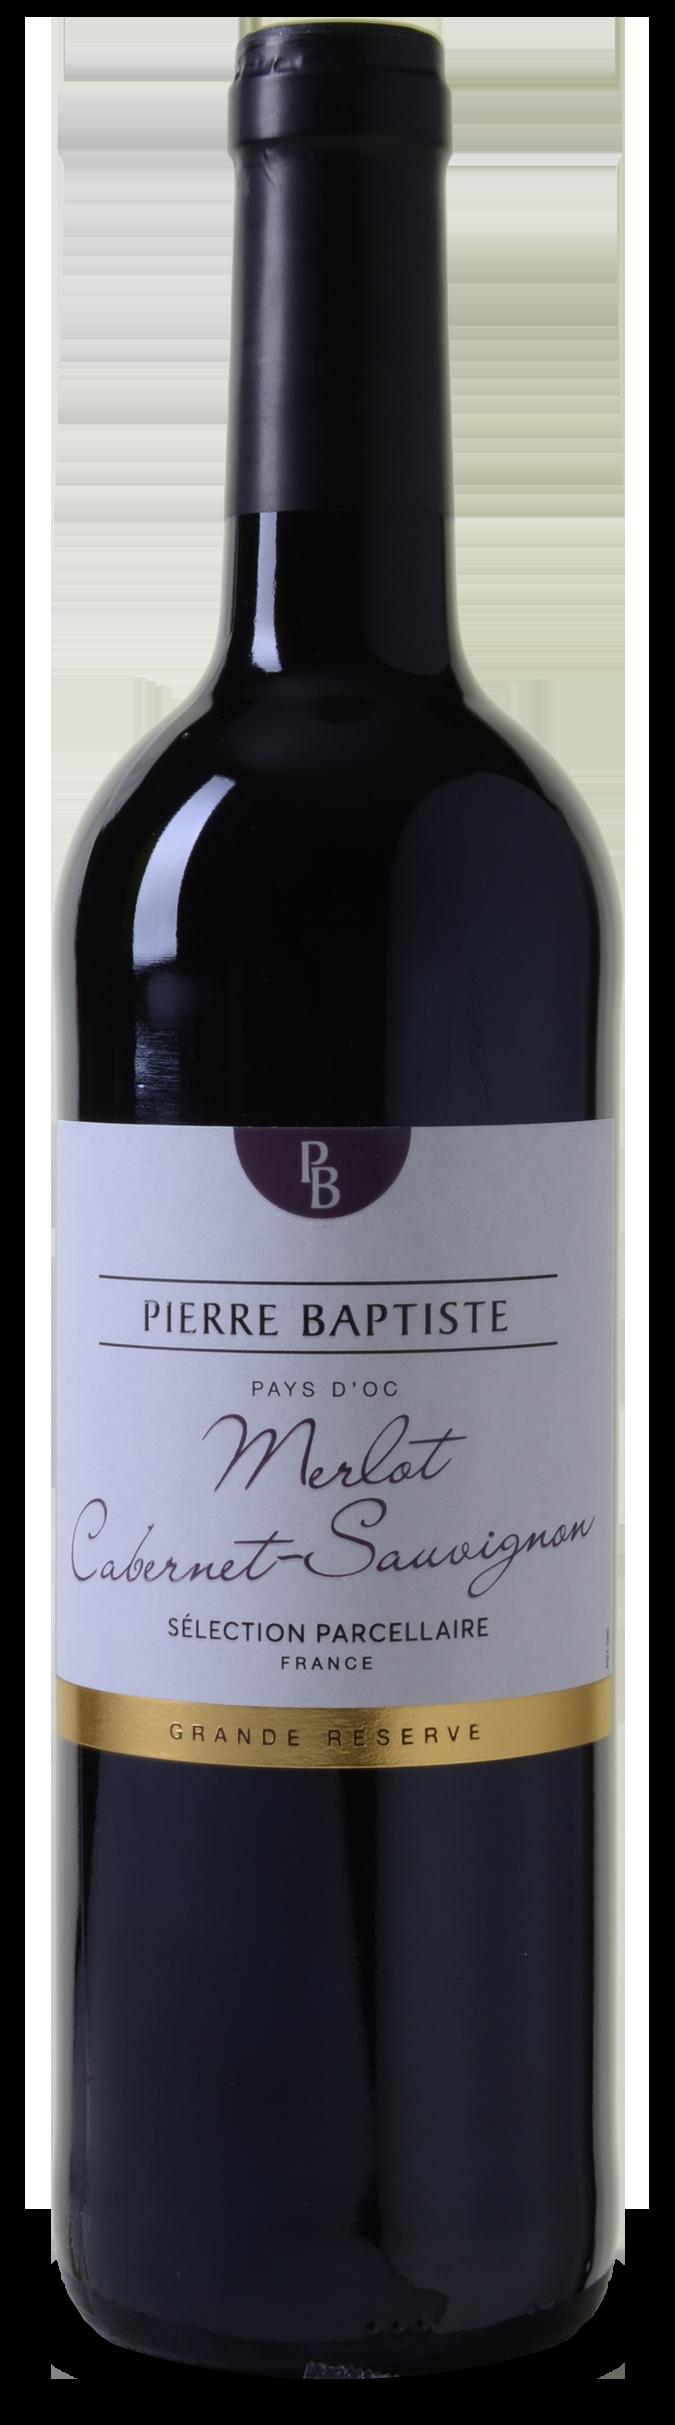 Pierre Baptiste Grande Reserve Merlot-Cabernet Sélection Parcellaire